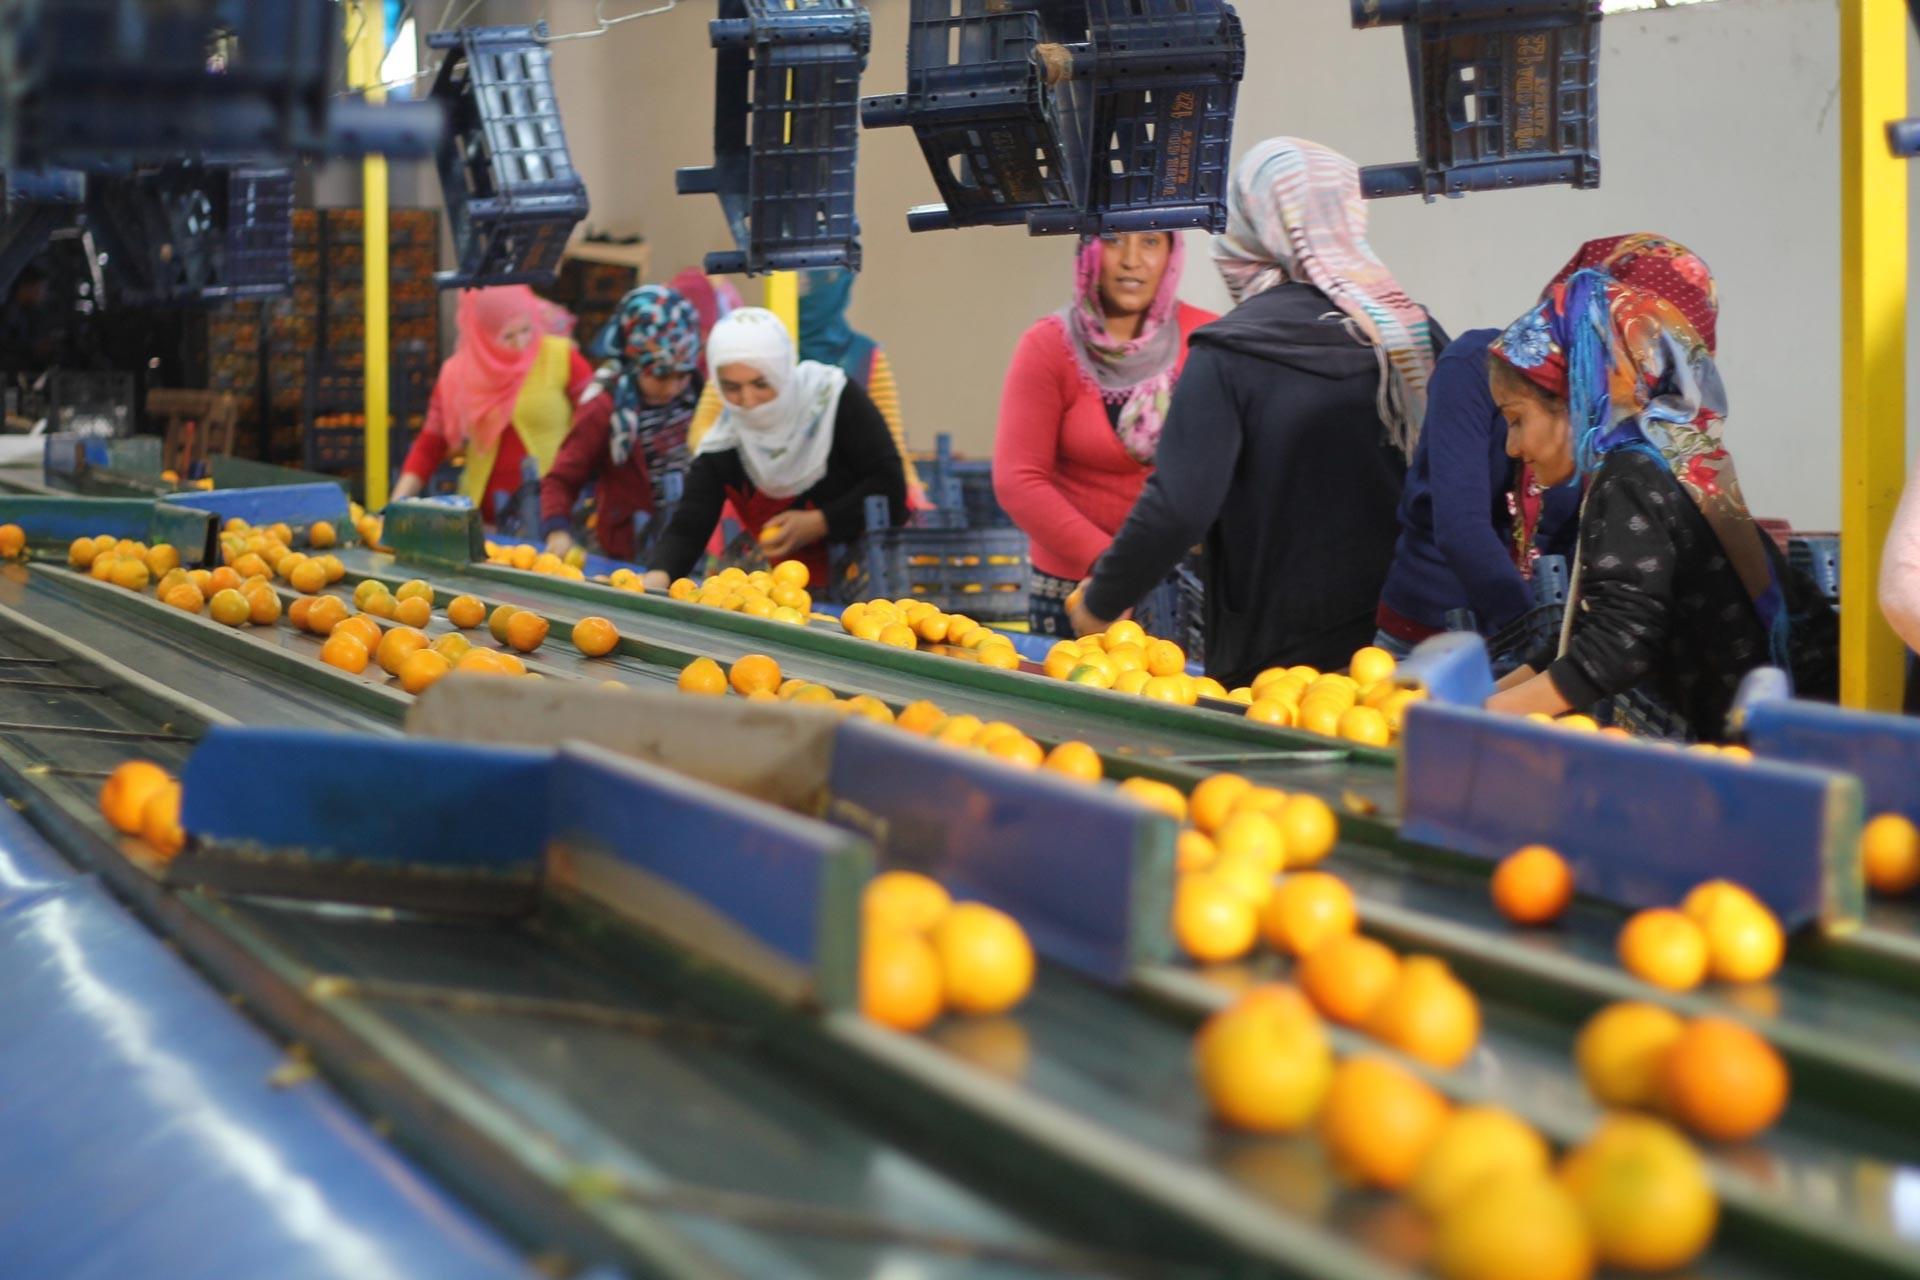 CHP'li Ayhan Barut: Üretim maliyeti yükseliyor, çiftçinin ürünü değer bulmuyor